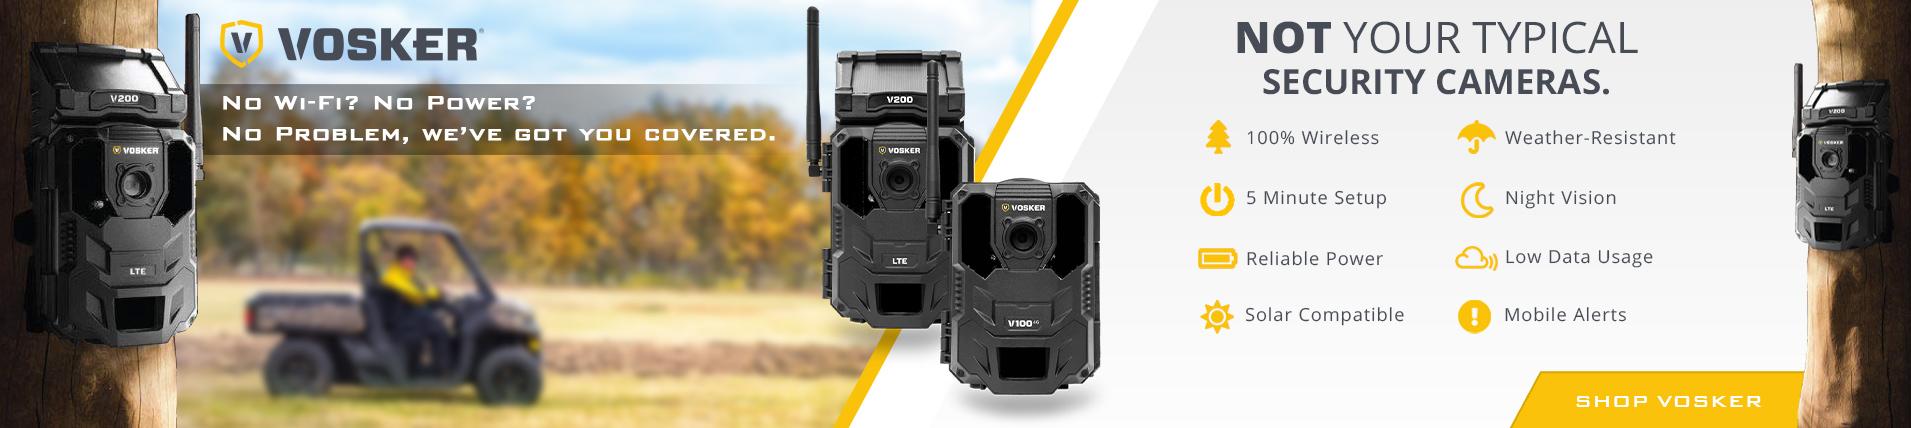 Vosker Wireless Cameras